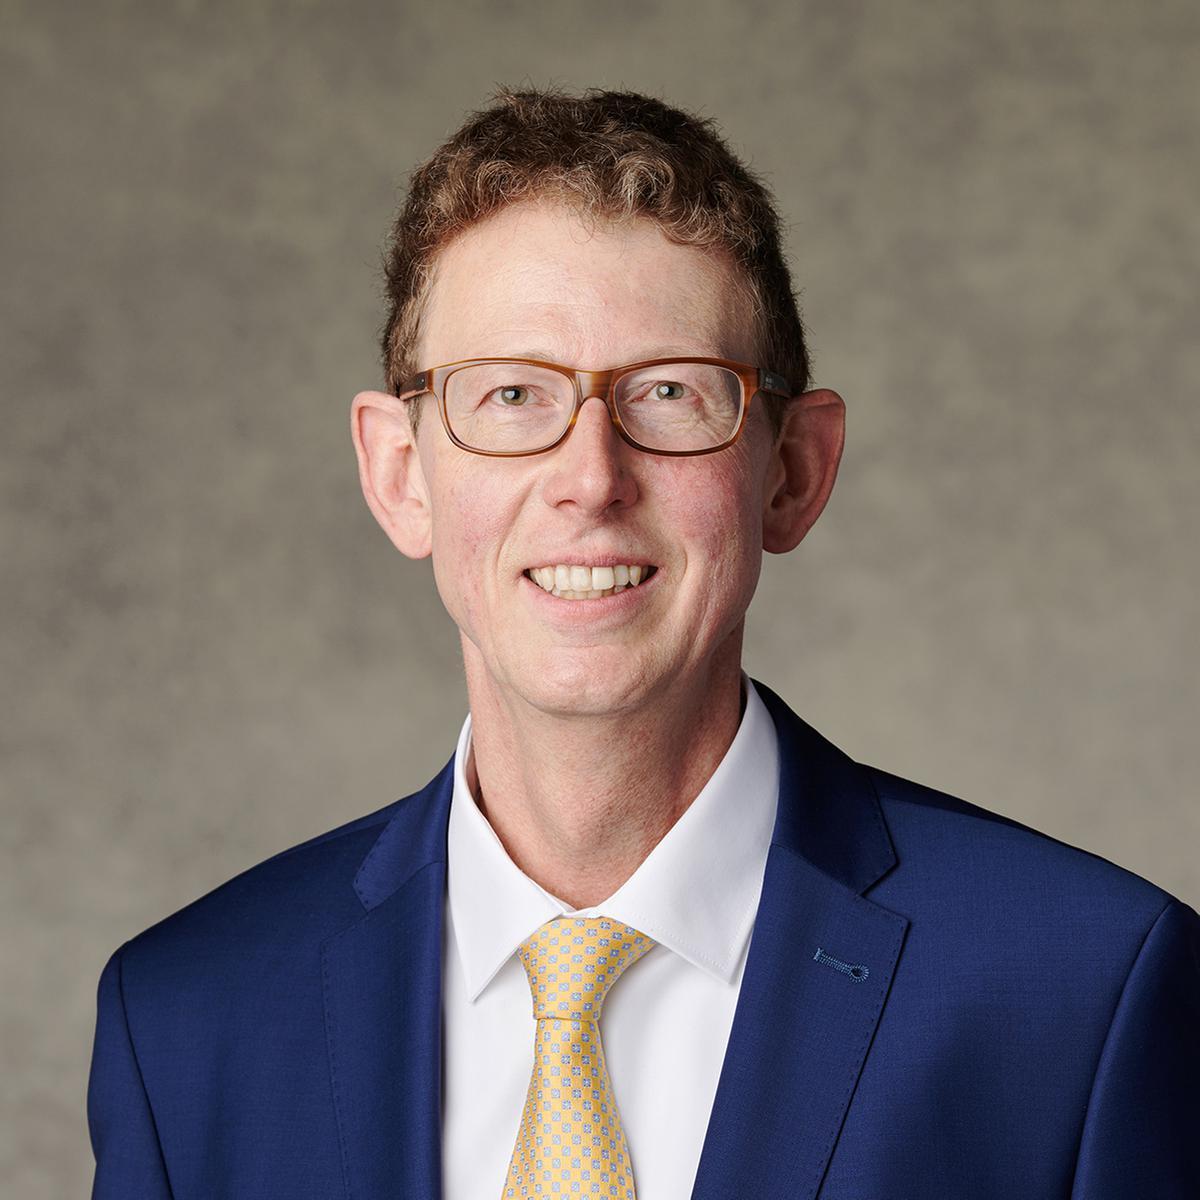 Elder Markus Zarse, Deutschland